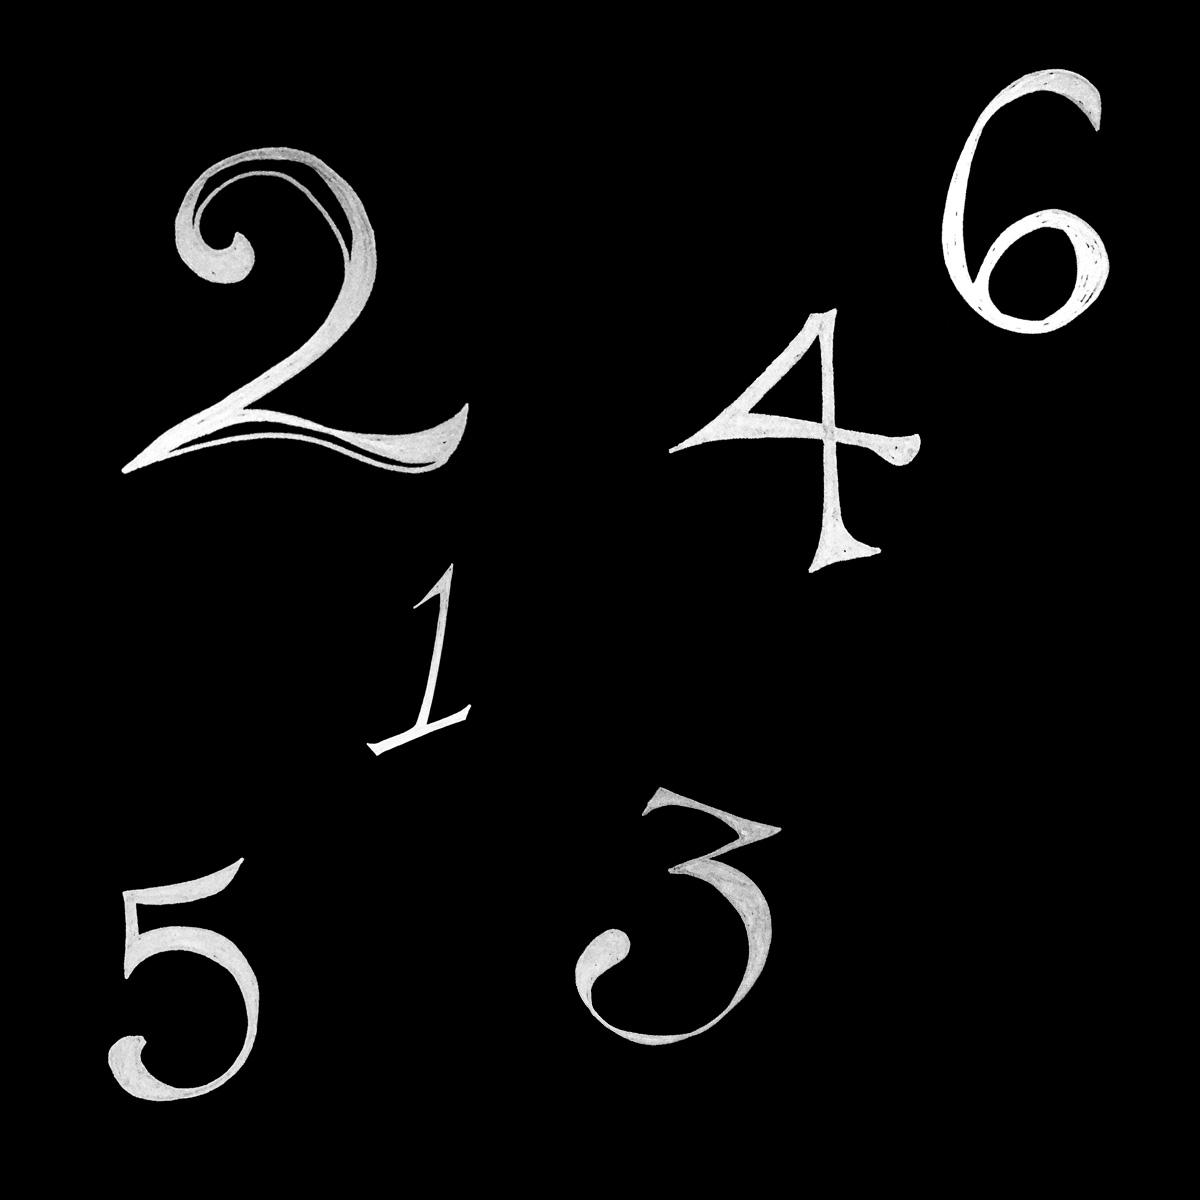 numbers-dse